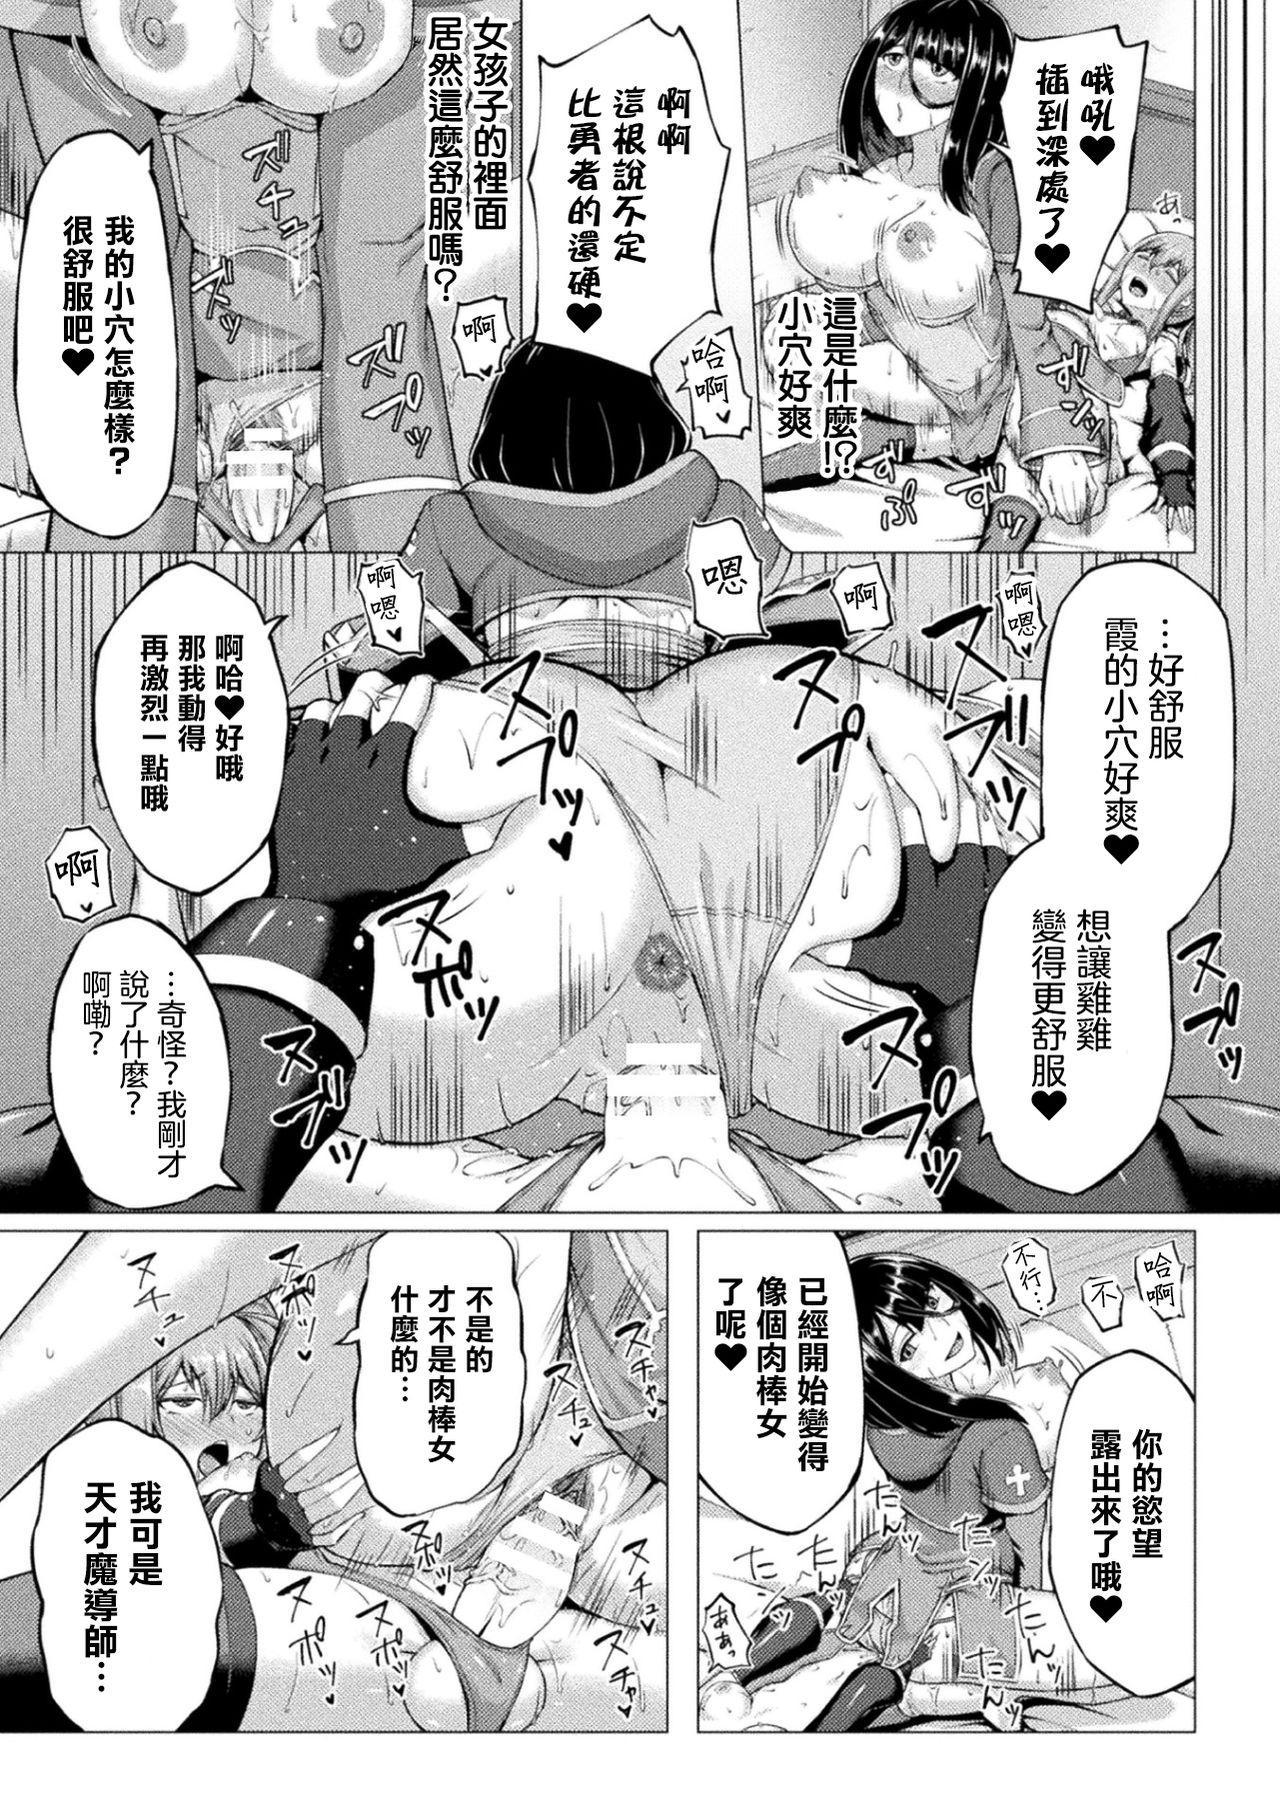 Maryoku no Daishou 13